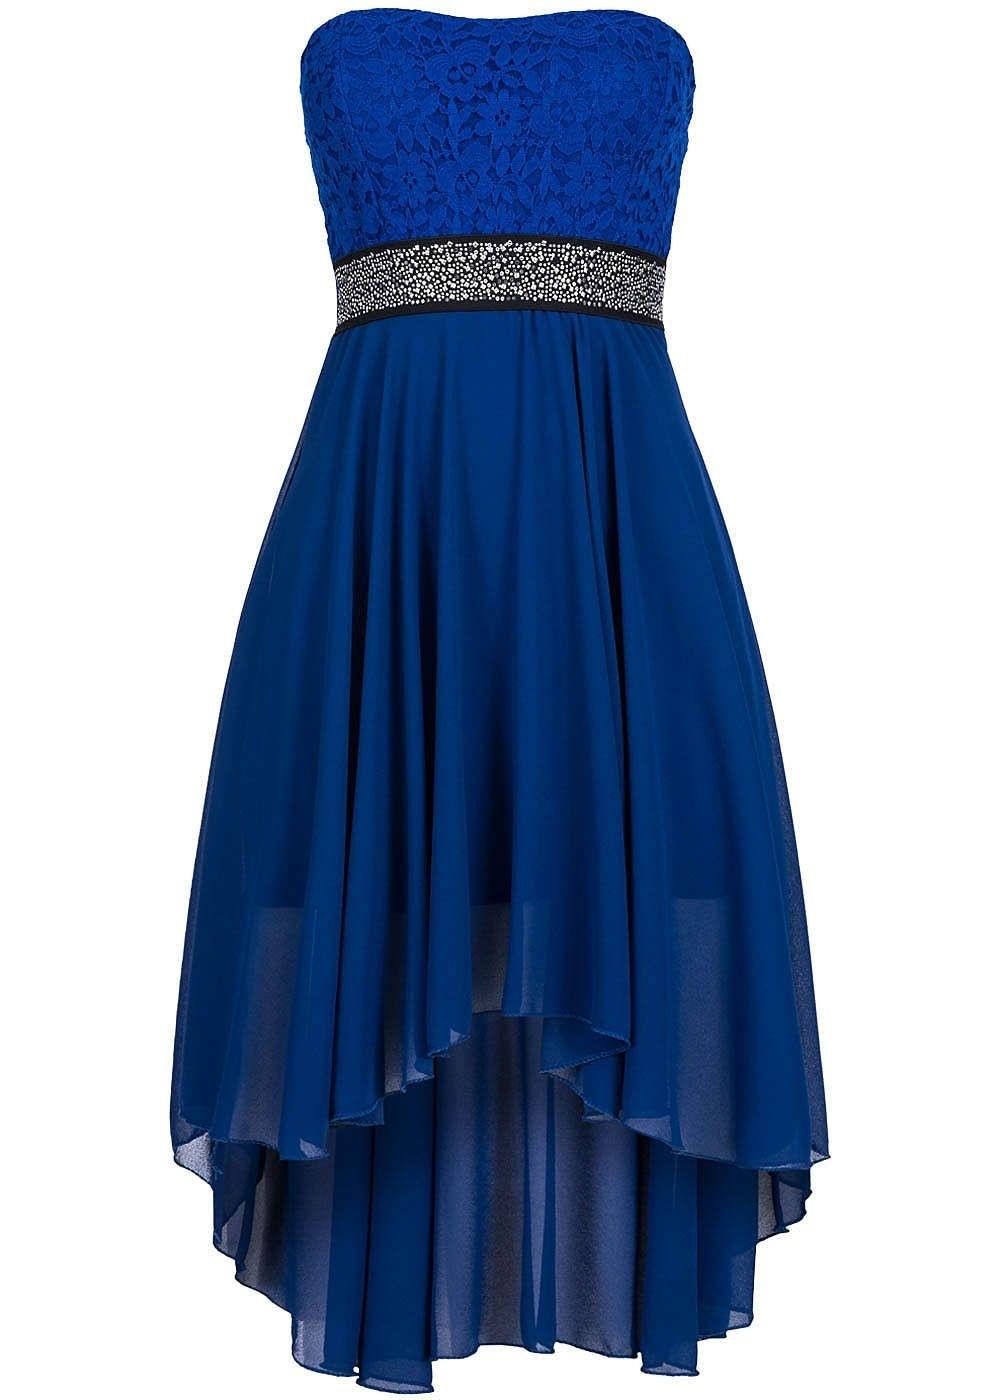 Designer Ausgezeichnet Blaue Kurze Kleider ÄrmelDesigner Schön Blaue Kurze Kleider Ärmel